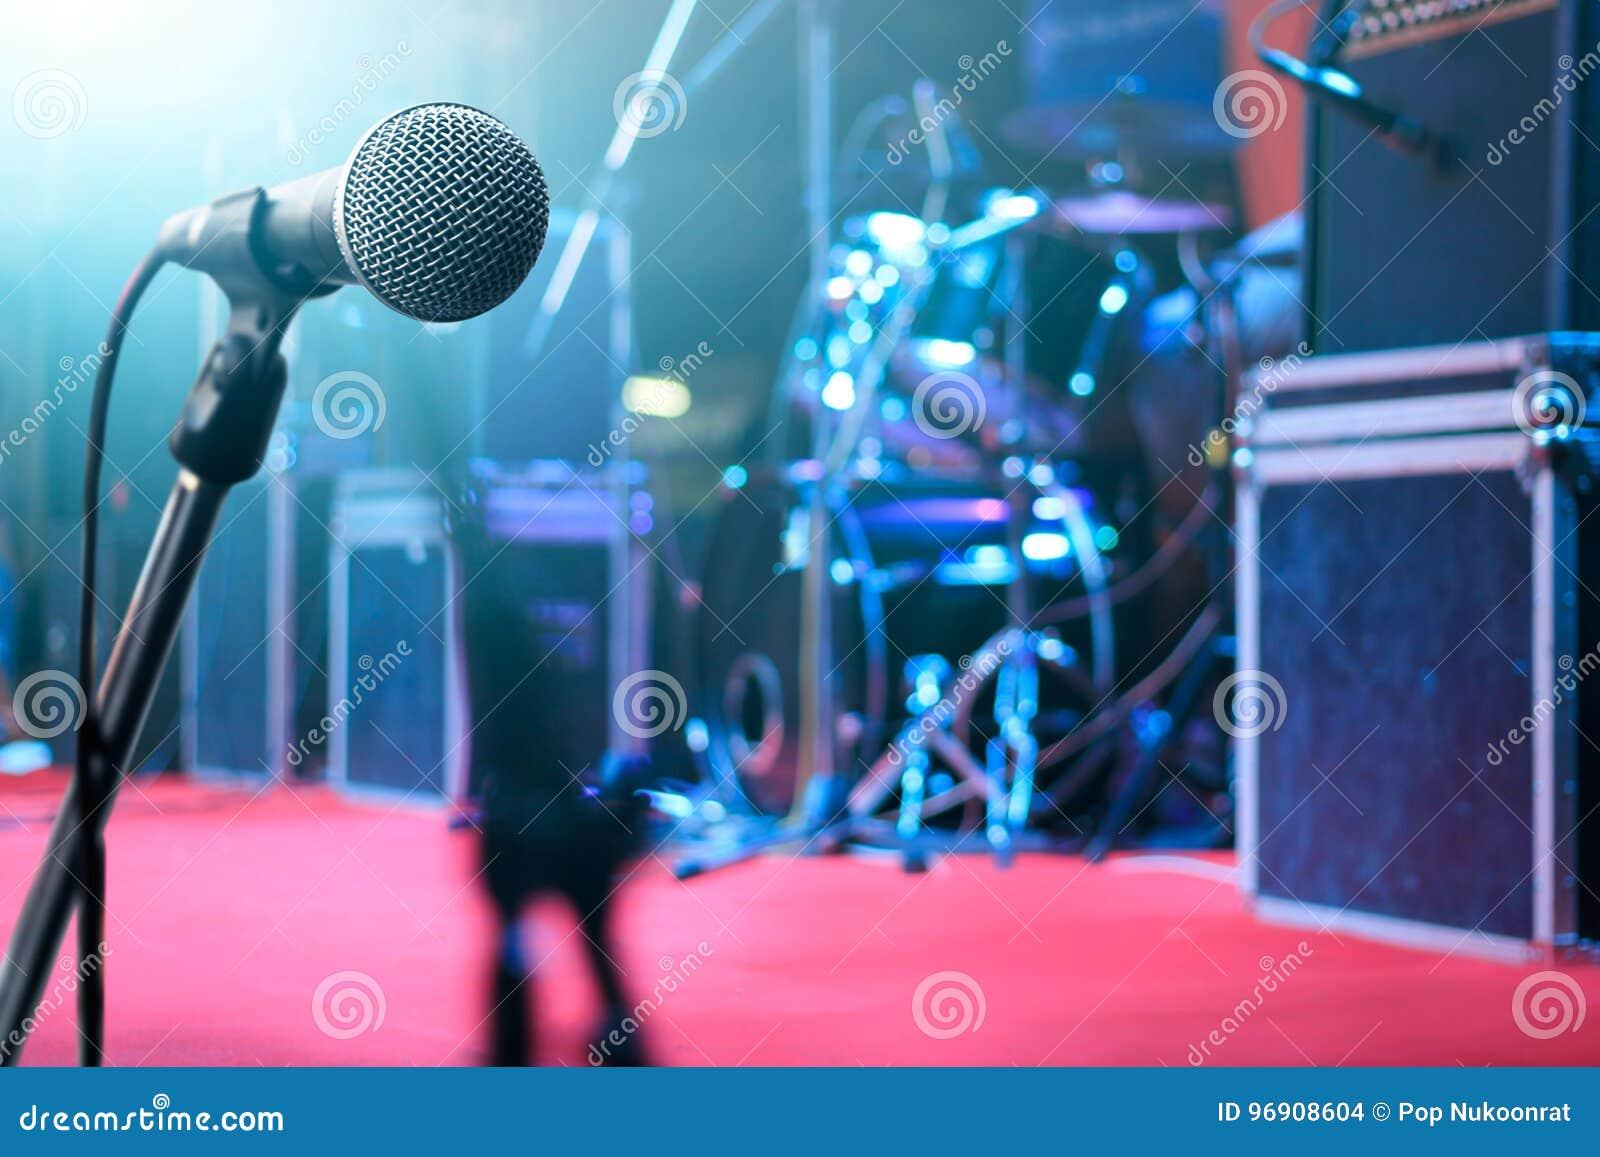 Micrófono e instrumento de música en fondo de etapa